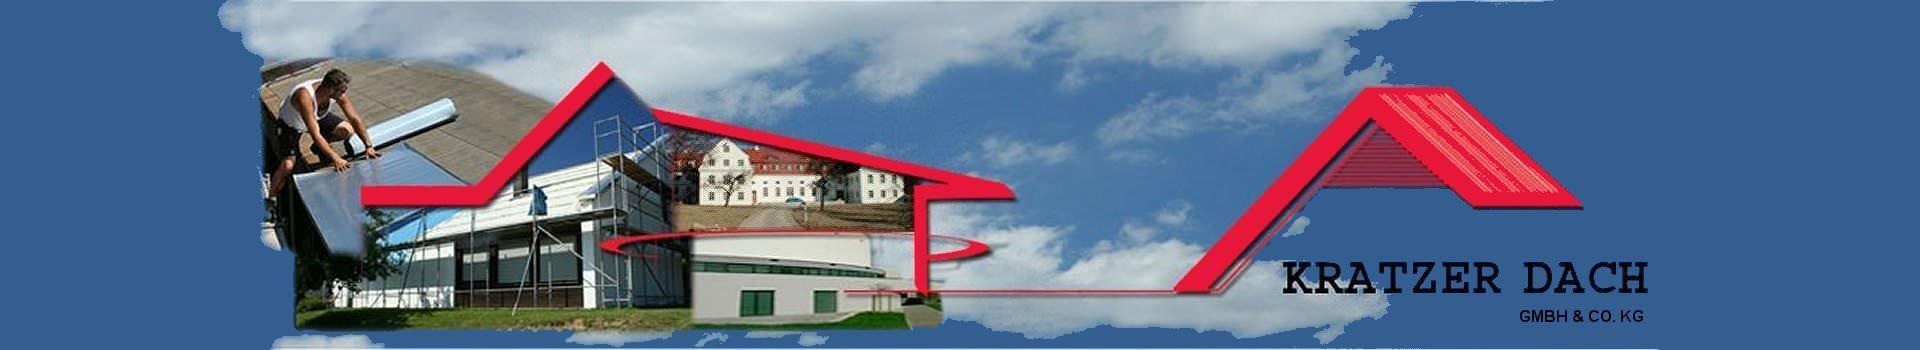 steildach dachdeckerei kratzer dach gmbh in dollnstein. Black Bedroom Furniture Sets. Home Design Ideas